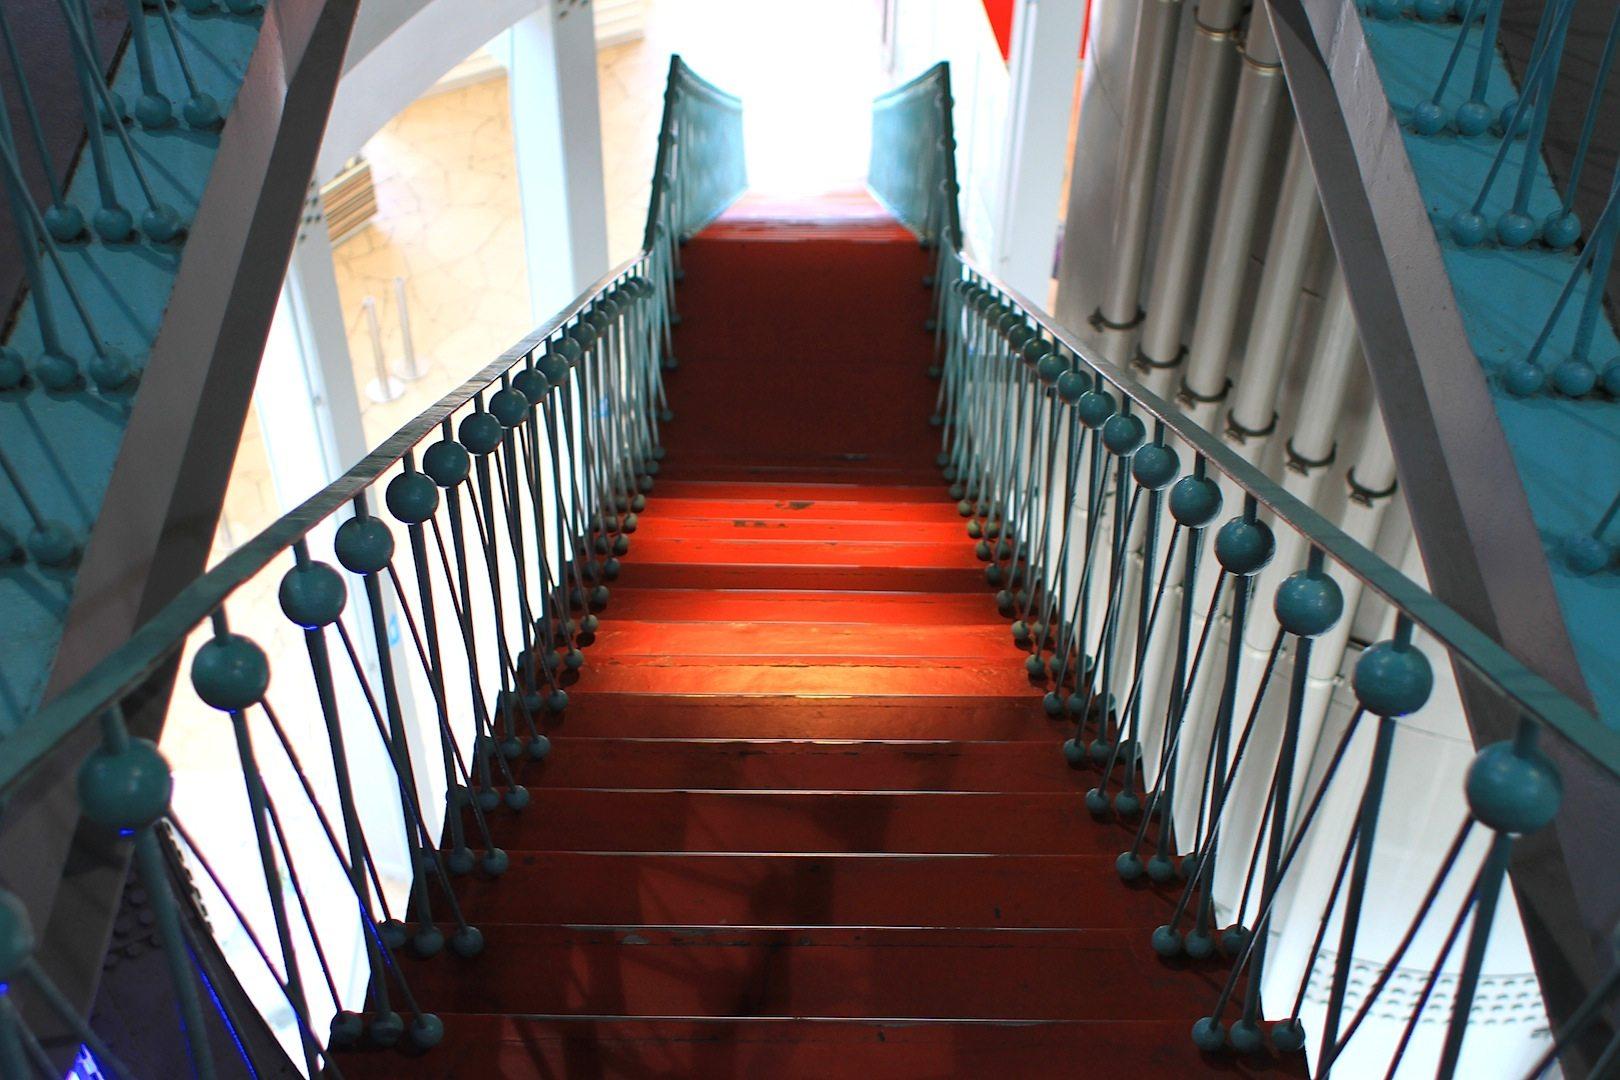 Rot-Türkis. Die alten Treppen und Geländer aus den 1950er-Jahren